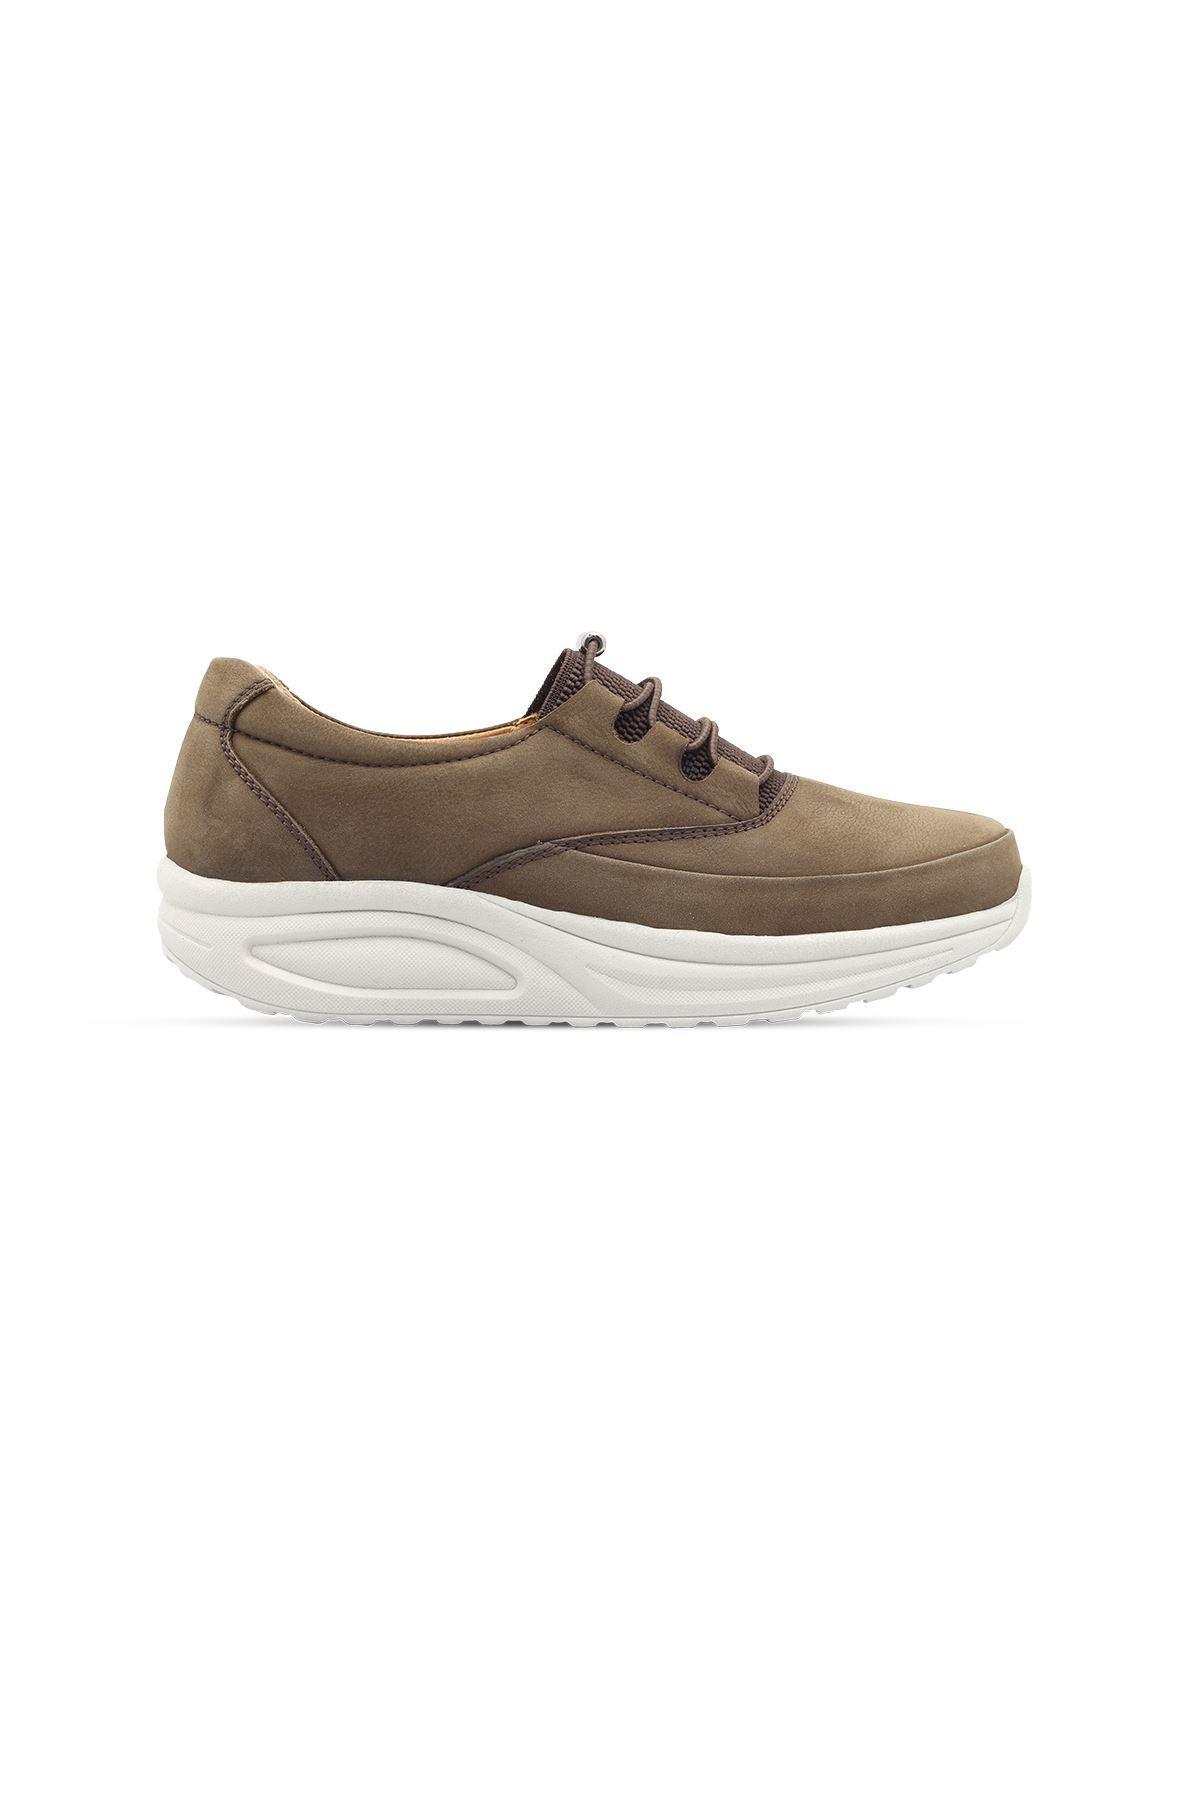 855 Nubuk Haki Kadın Yürüyüş Ayakkabısı